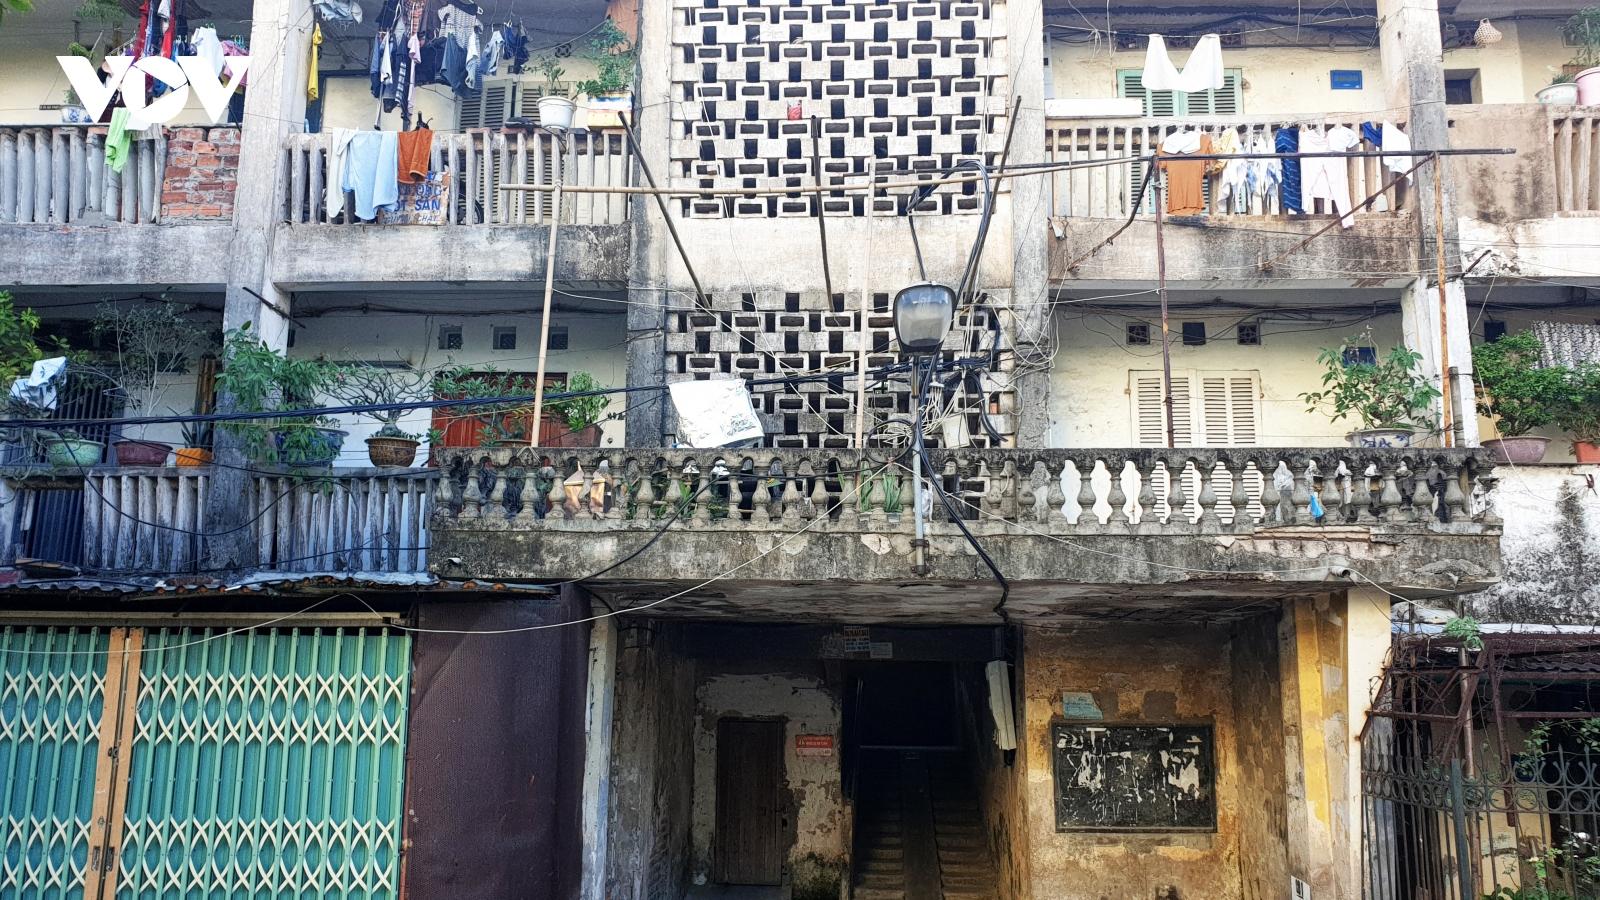 Cải tạo chung cư cũ: Tăng chiều cao công trình có giải quyết được vướng mắc